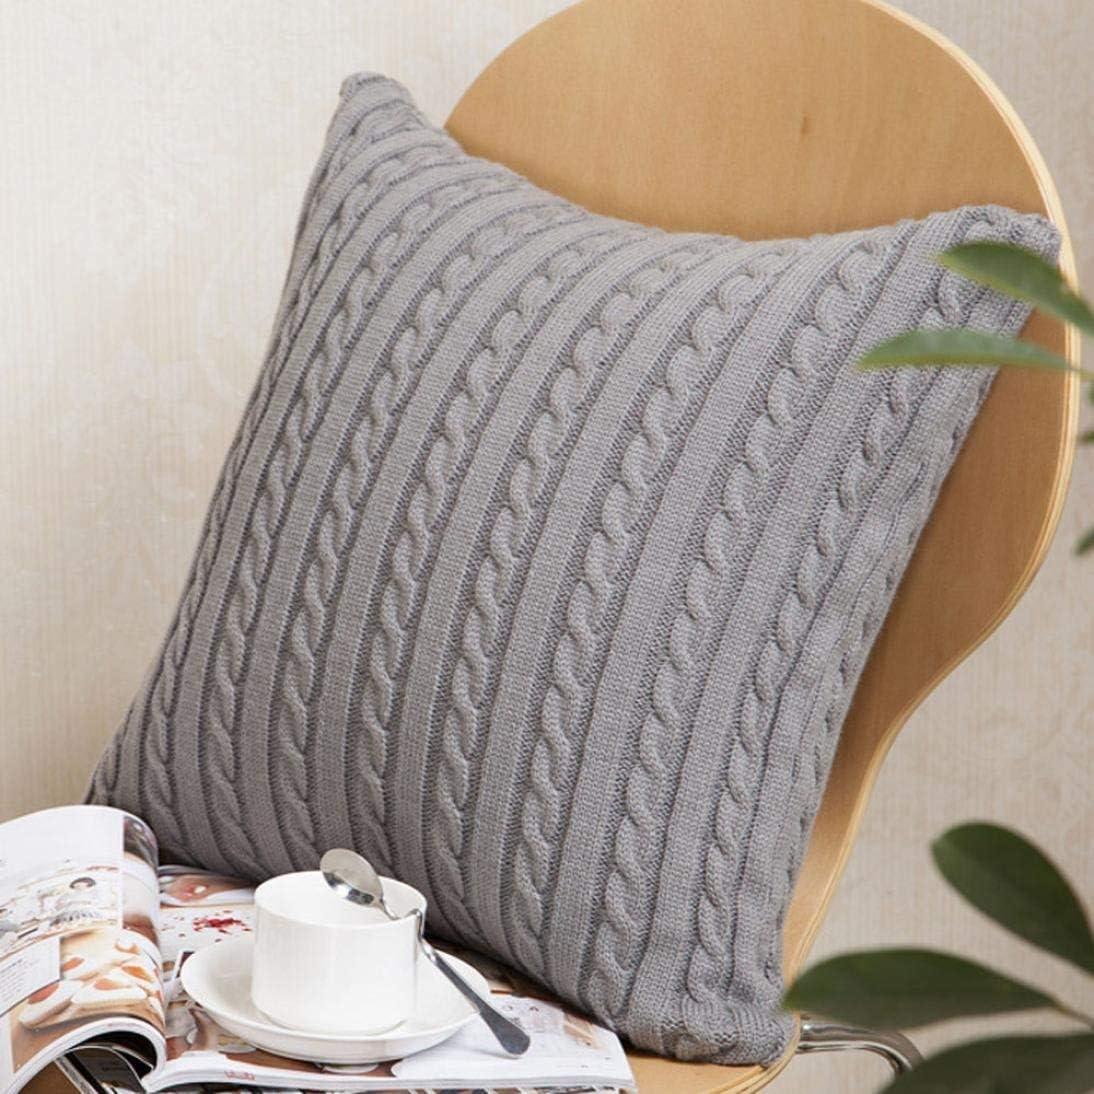 Giow Taie d'oreiller Couvre, taie d'oreiller décoratif à Tricoter Mode Throw taies d'oreiller Cafe Sofa Taie d'oreiller (Couleur: Blanc) Gray